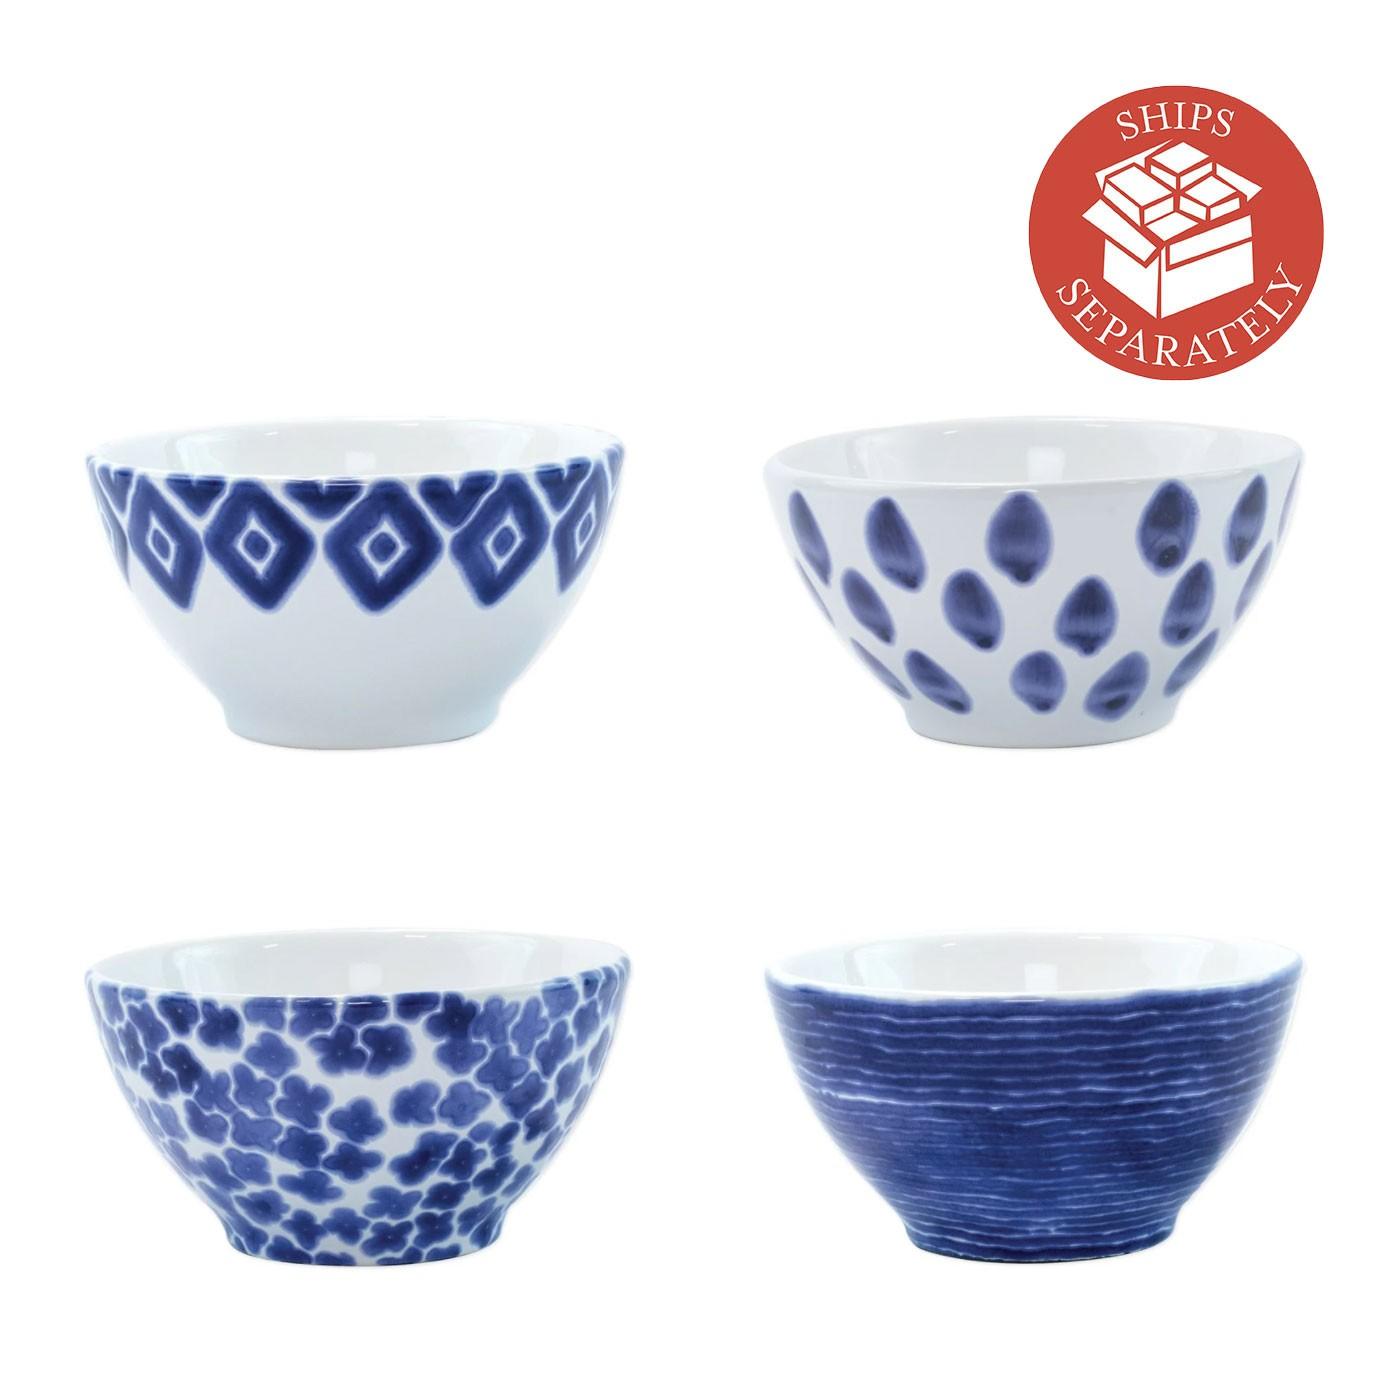 Santorini Assorted Cereal Bowls - Set of 4 - Vietri | Eataly.com